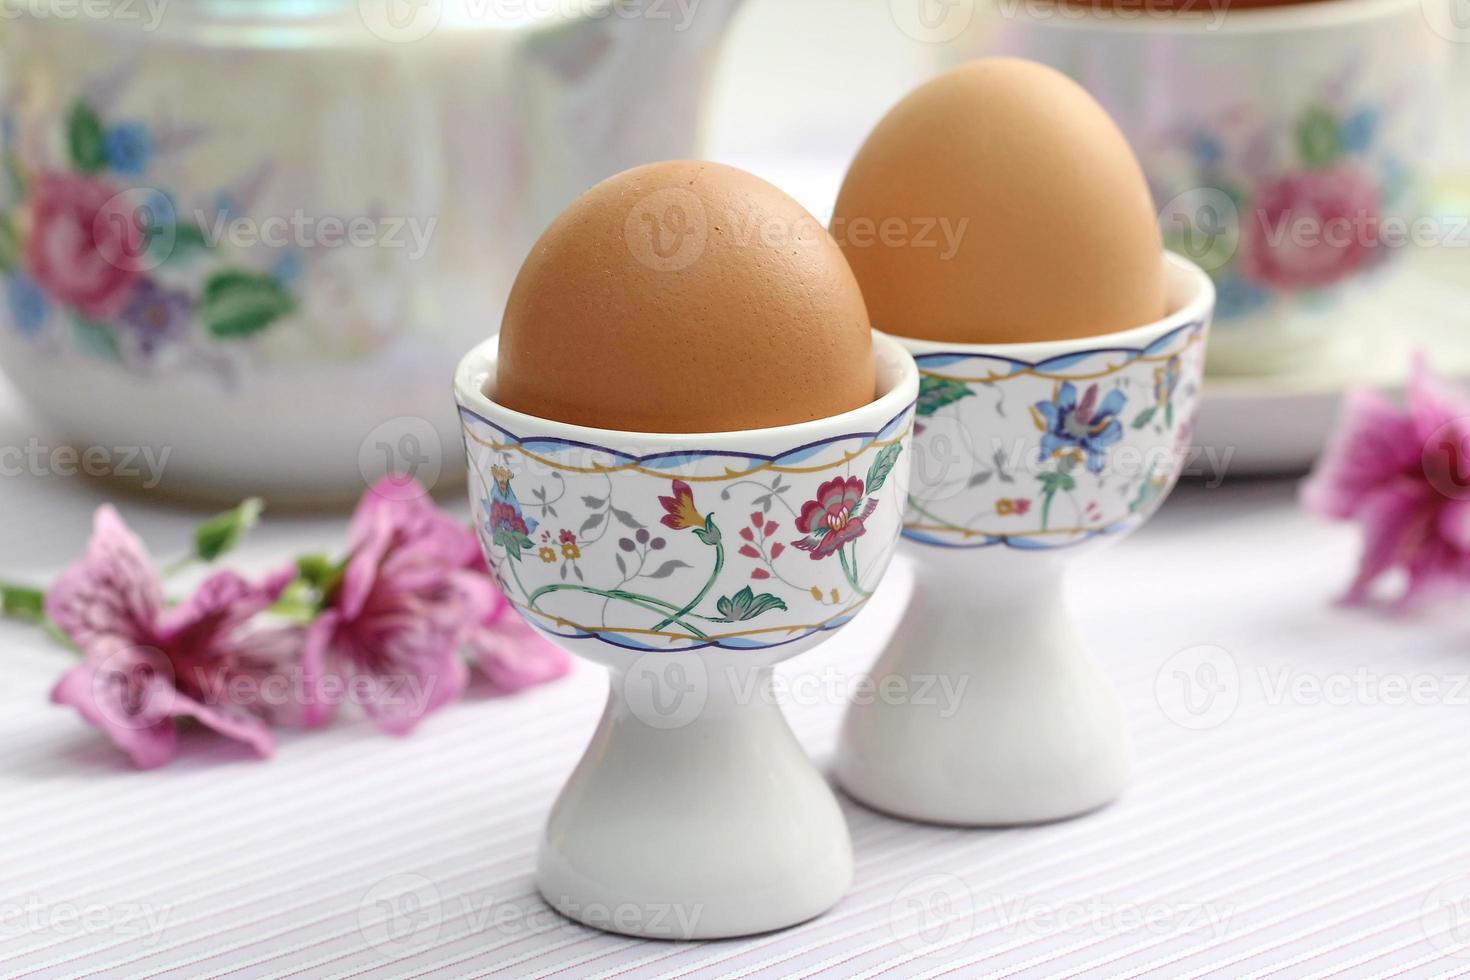 ovos cozidos foto